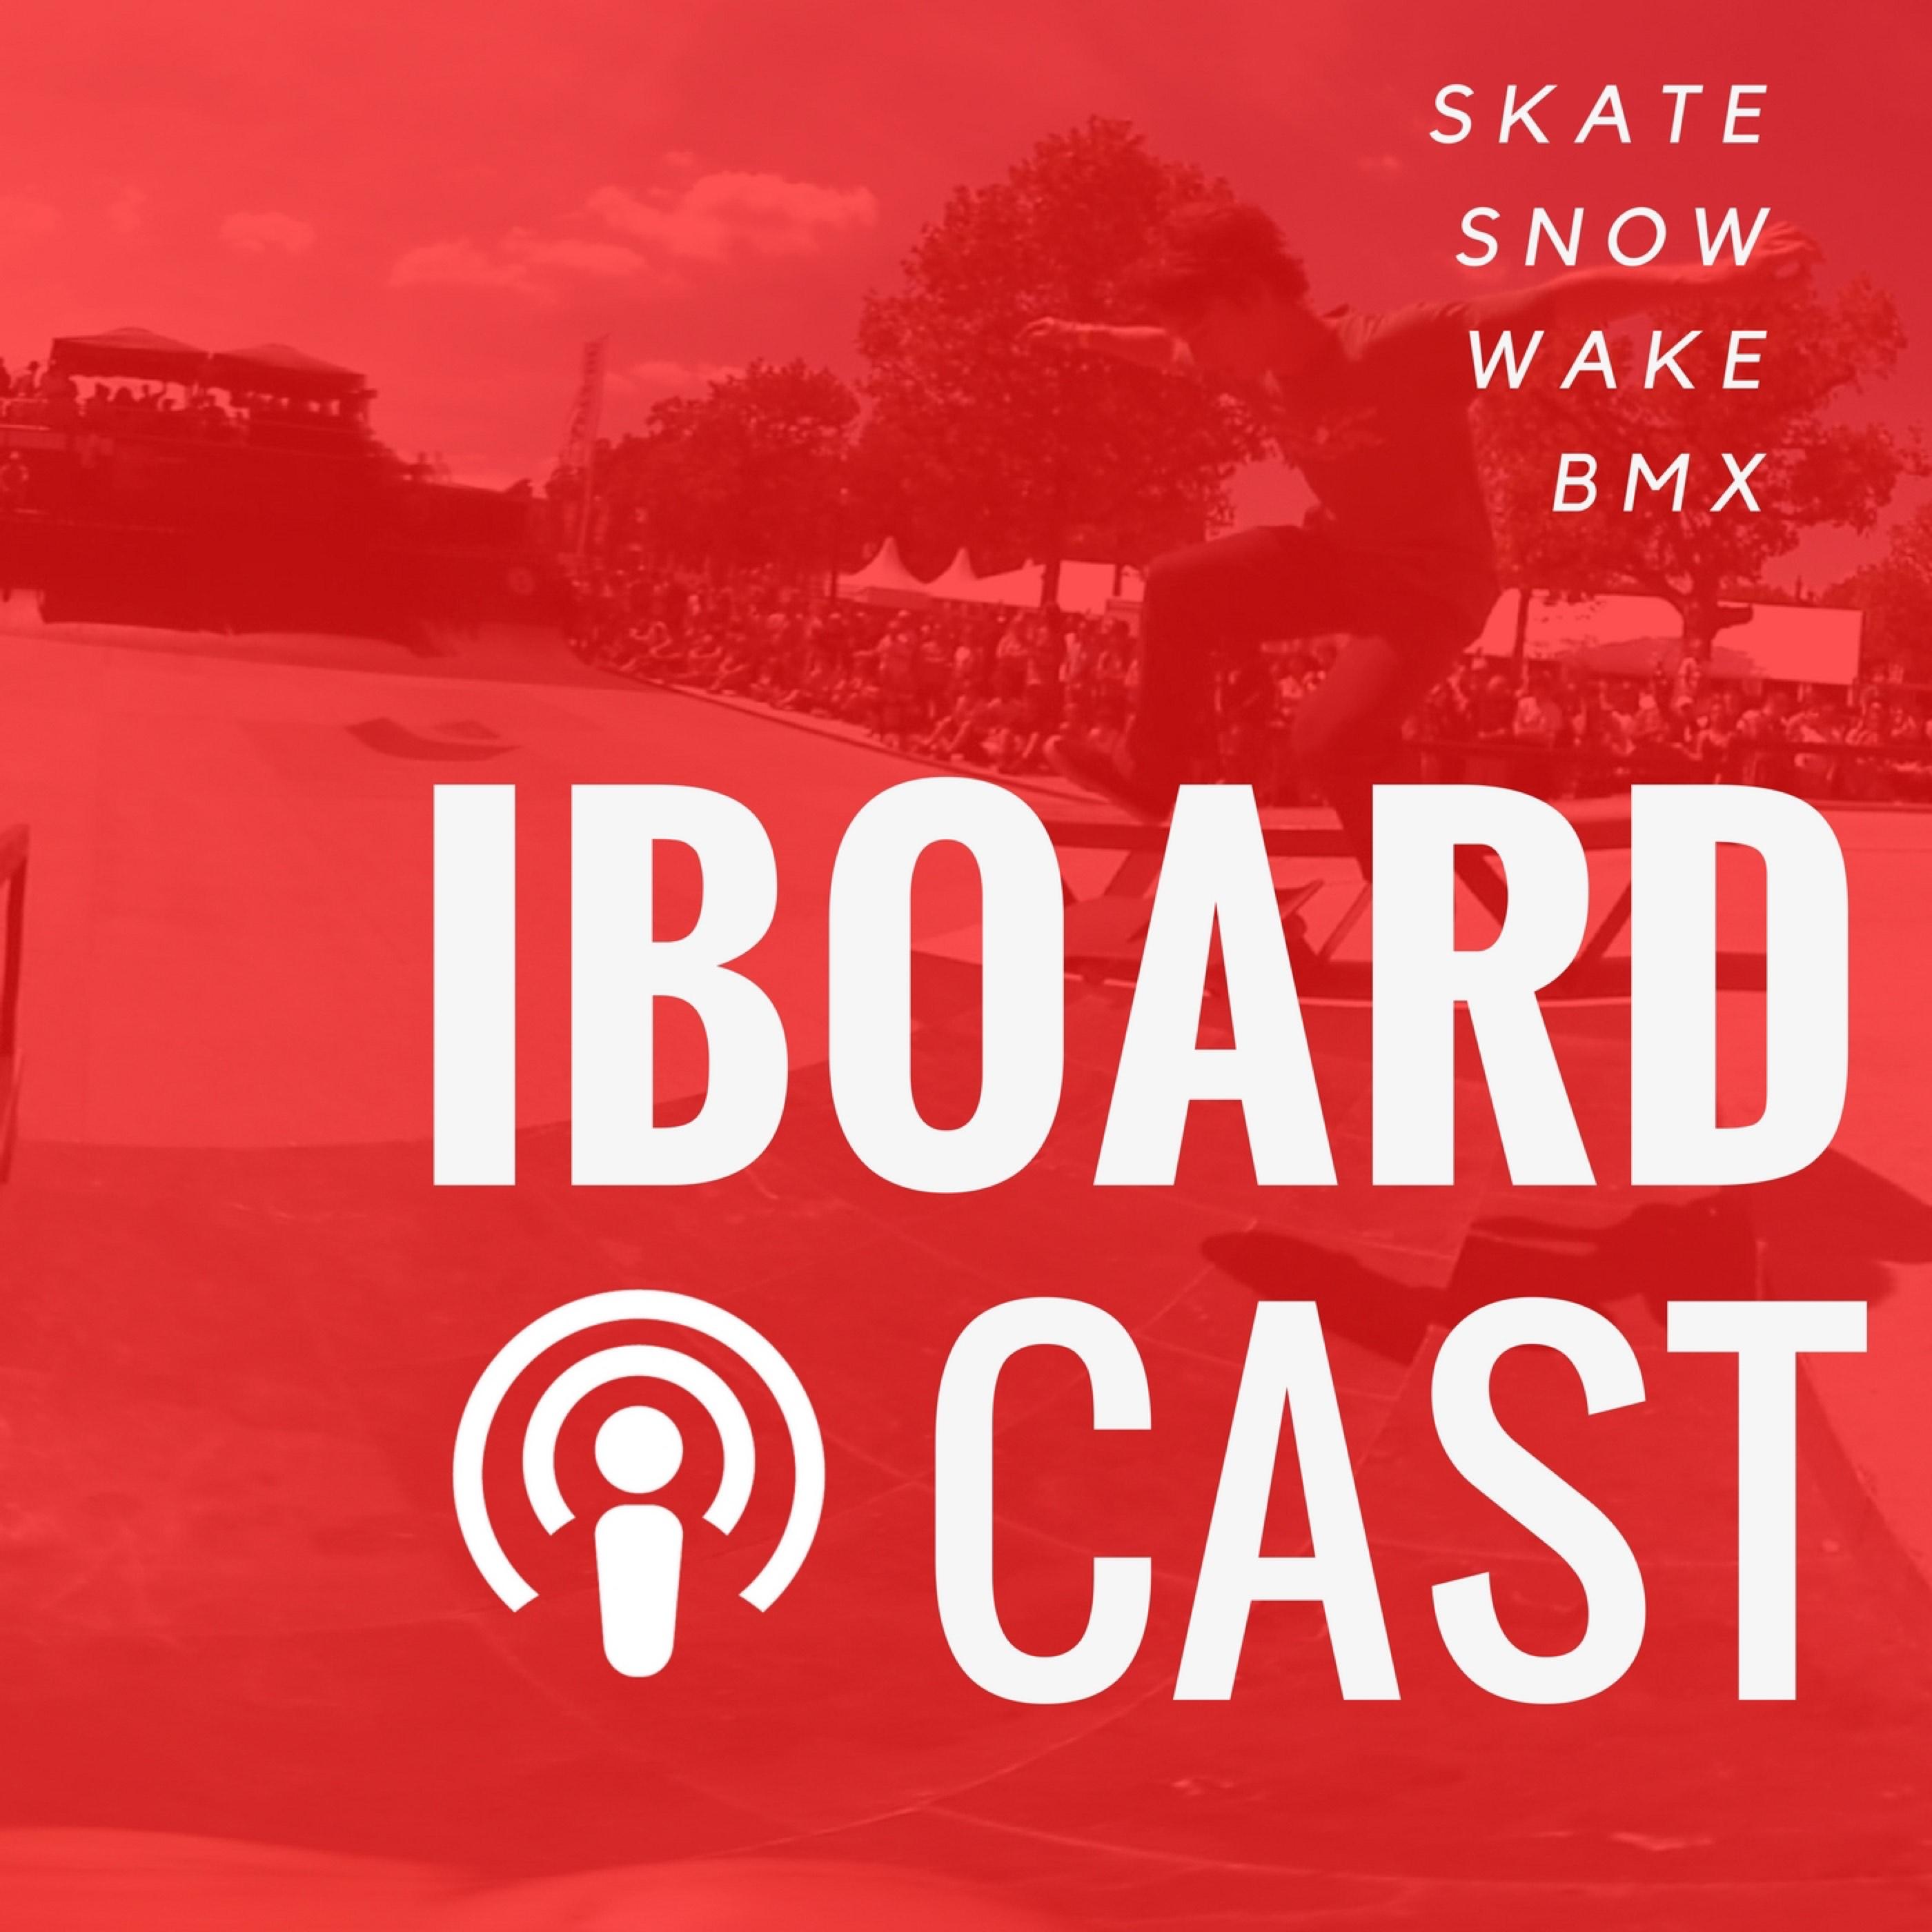 iBoardcast - de Nederlandse Actionsports Video Podcast  logo